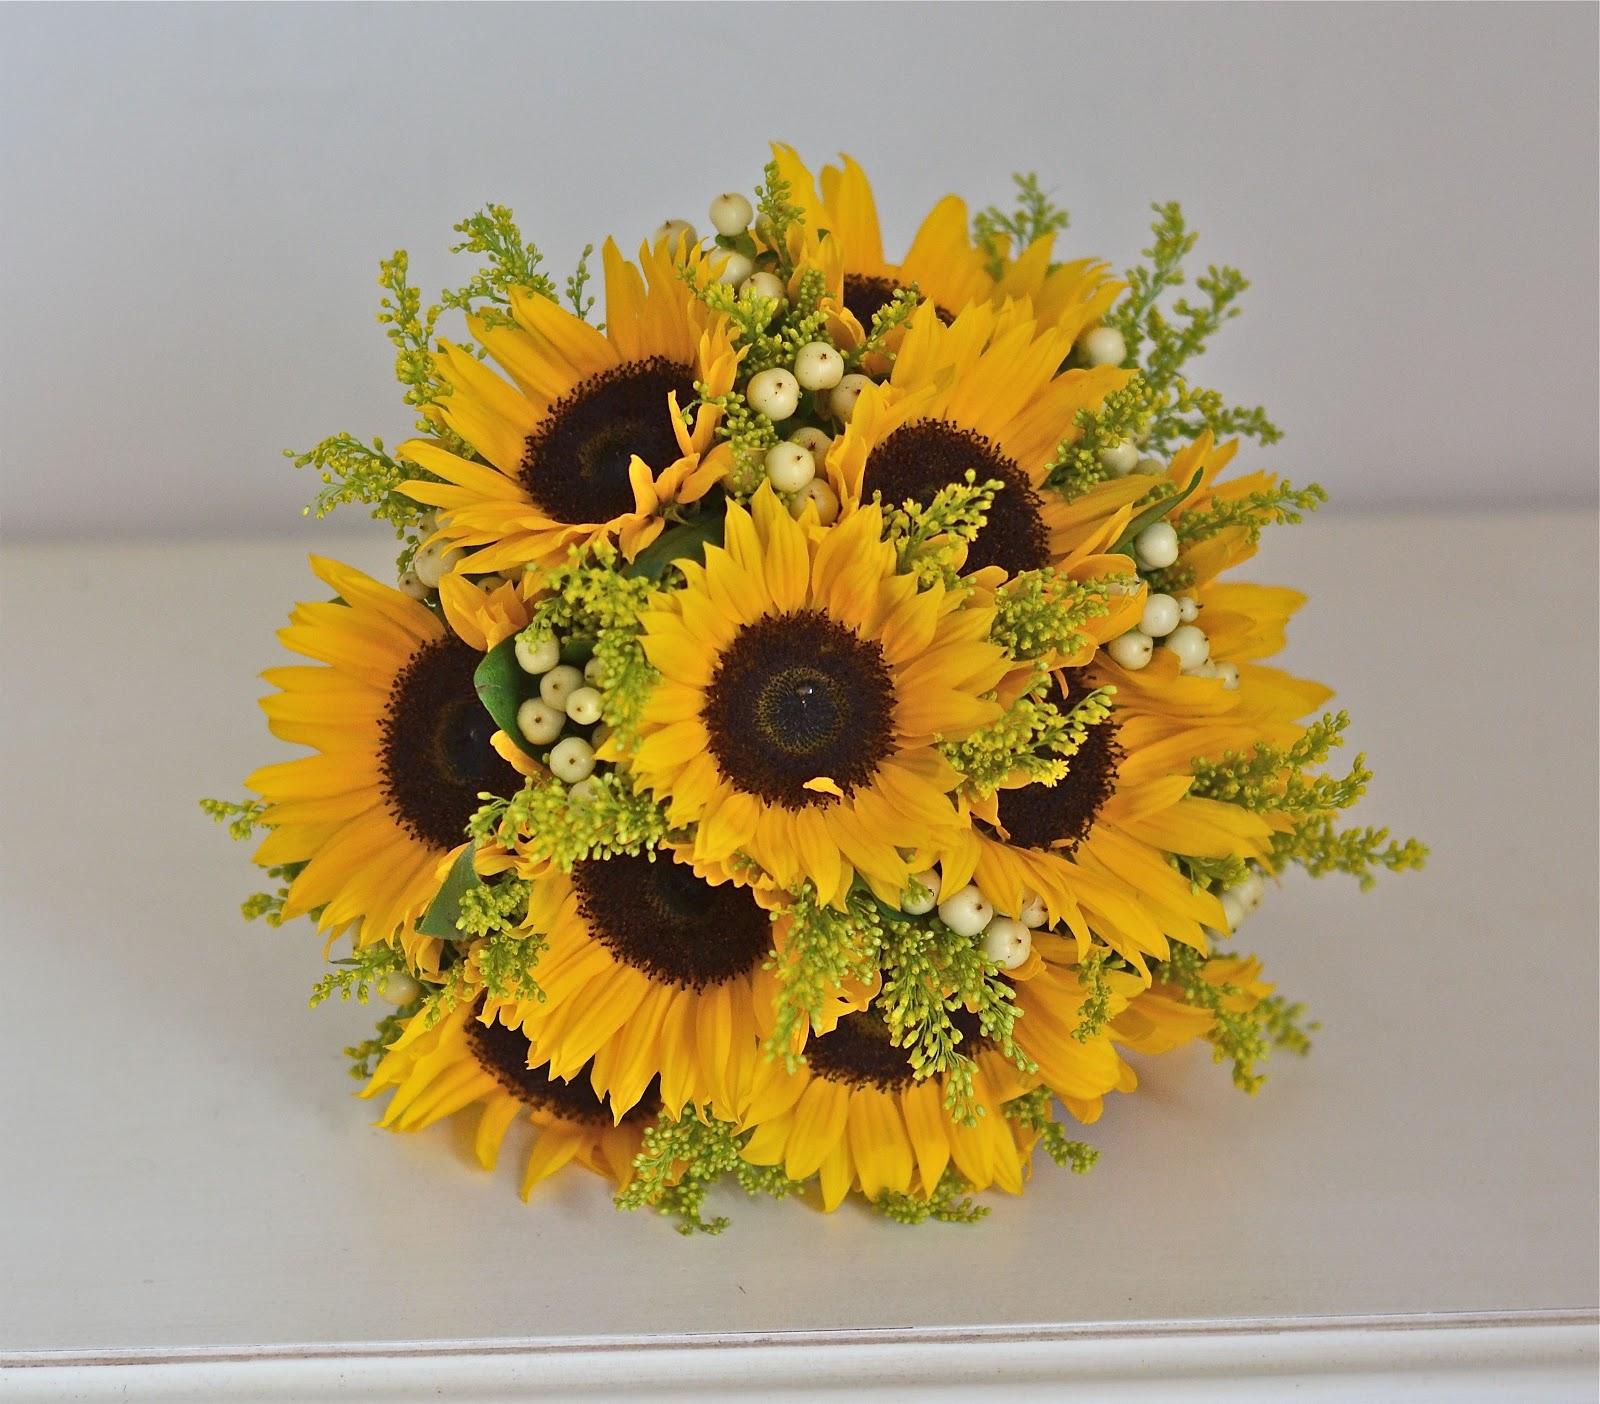 Sunflower Wedding Bouquet Ideas: Wedding Flowers Blog: Becky's Sunflowers